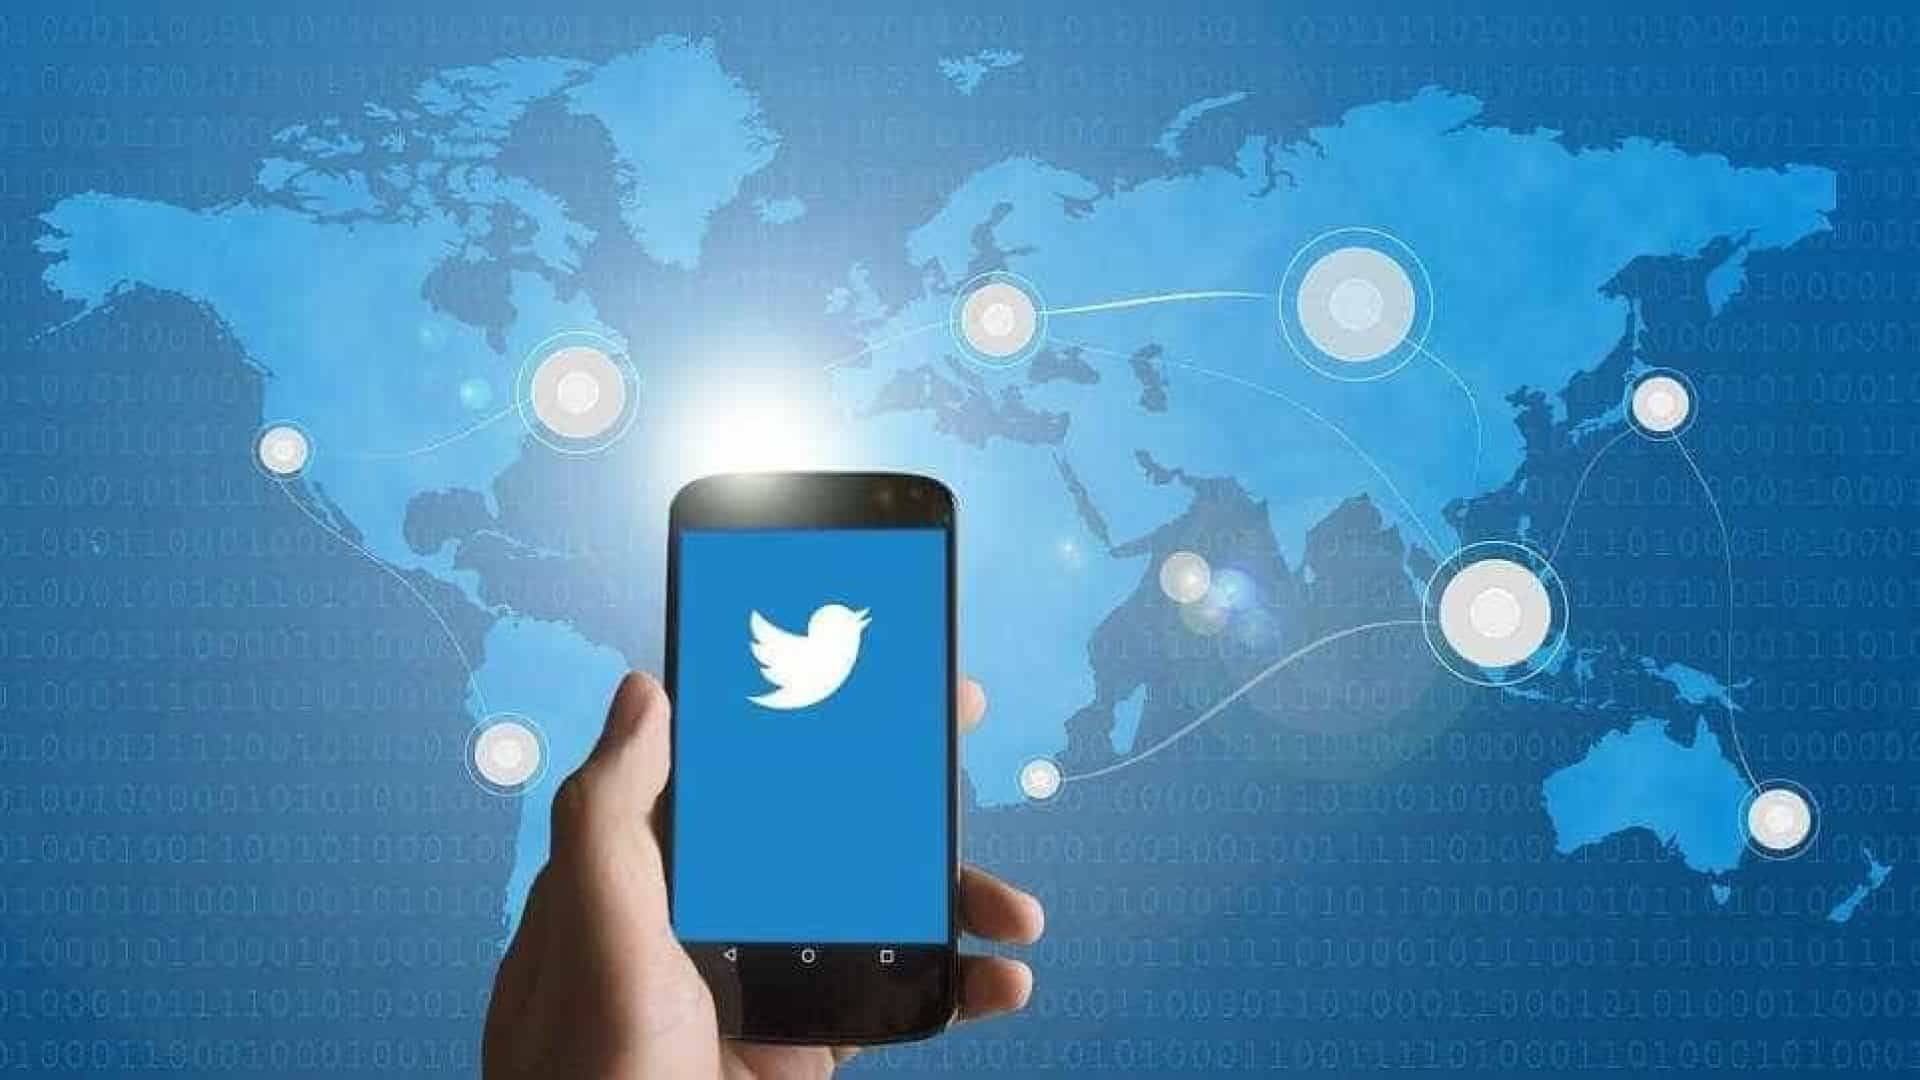 Twitter divulga medidas para evitar fake news nas eleições